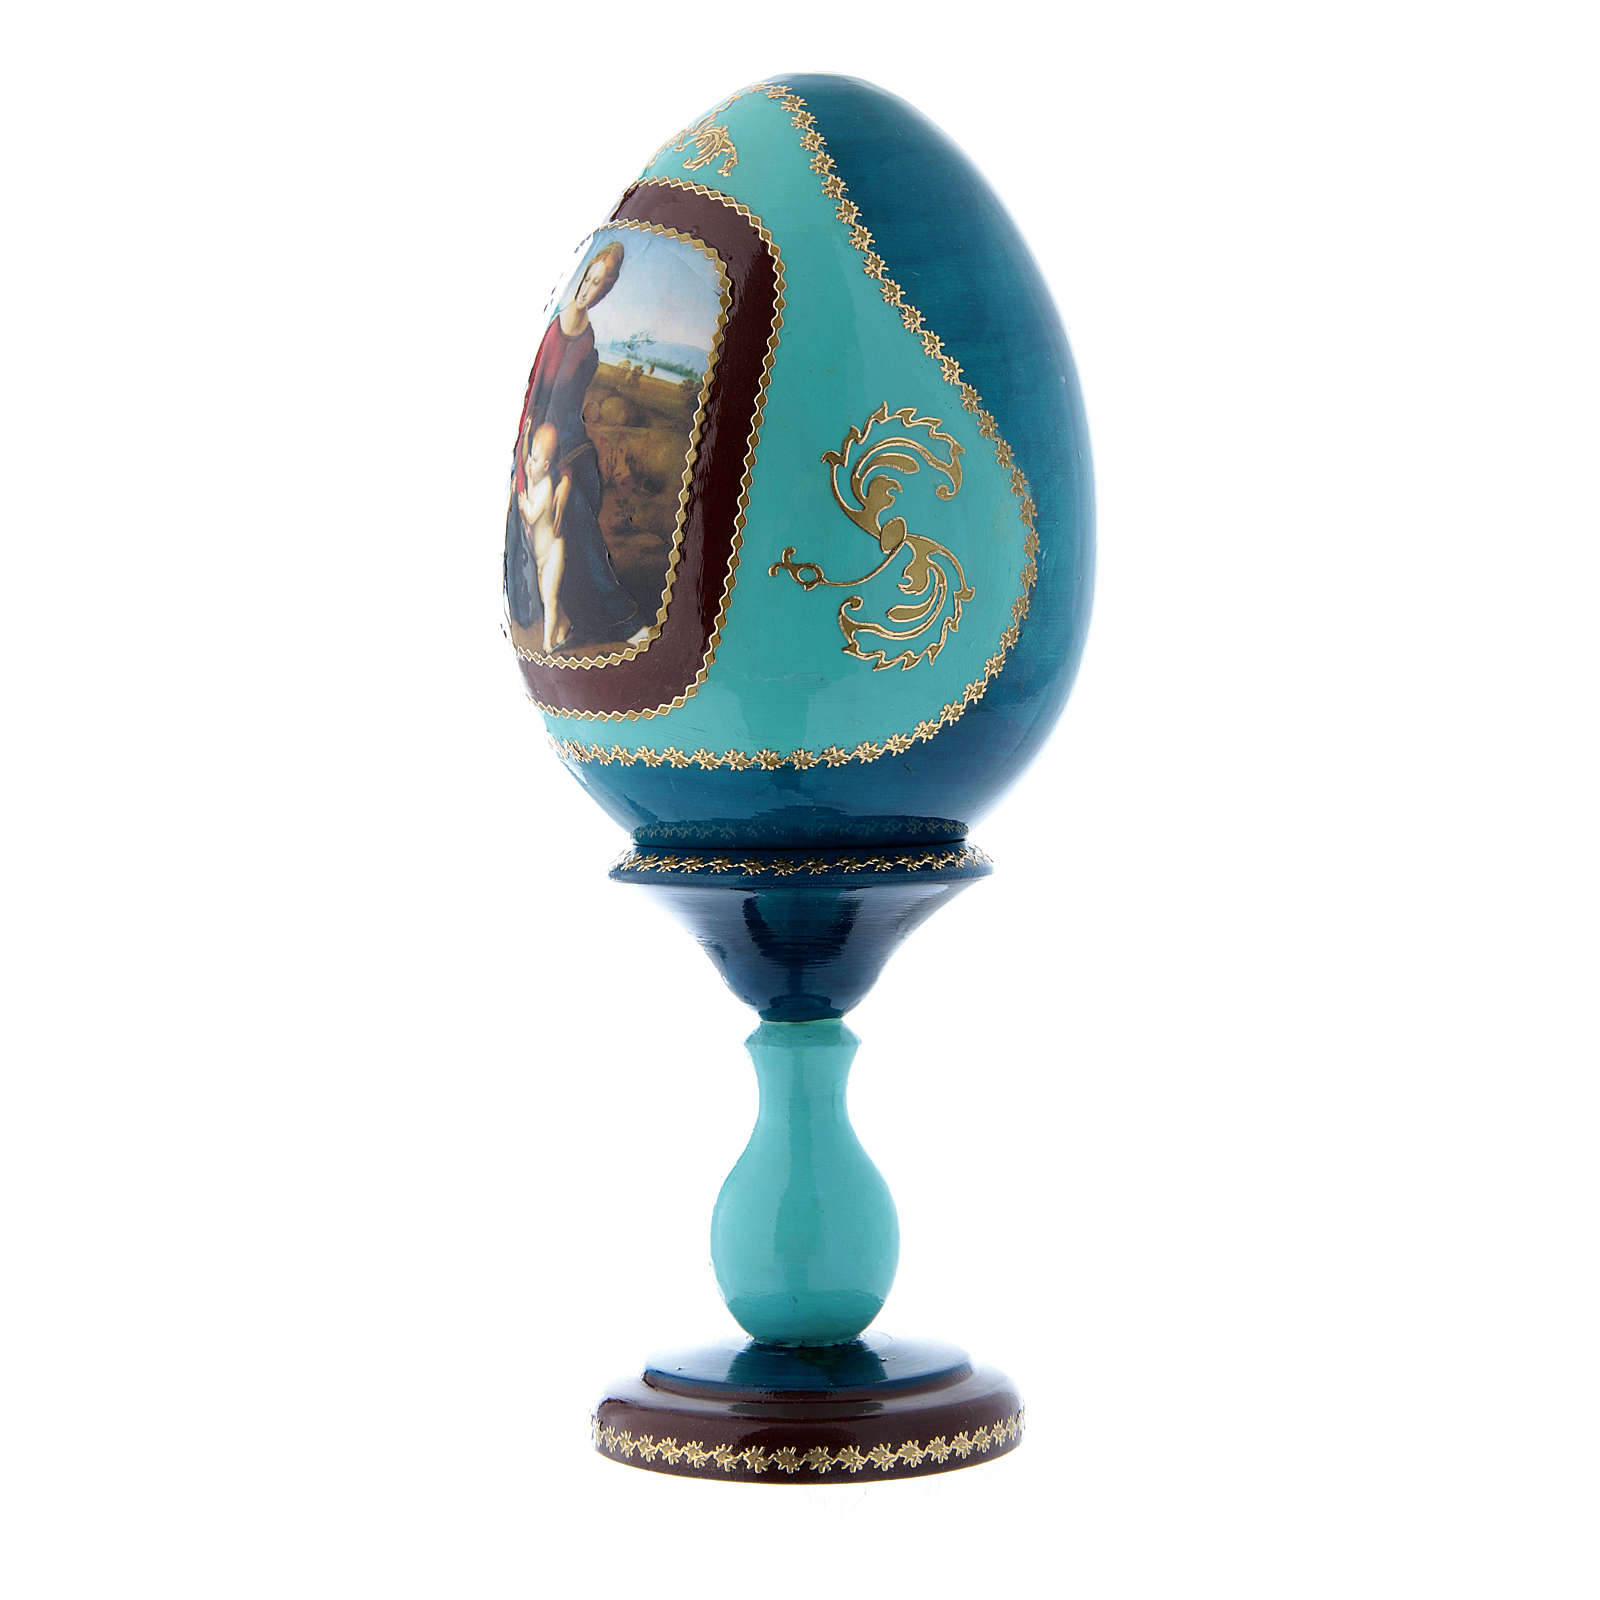 Uovo La Madonna del Belvedere blu stile Fabergé russo in legno decorato a mano h tot 20 cm 4